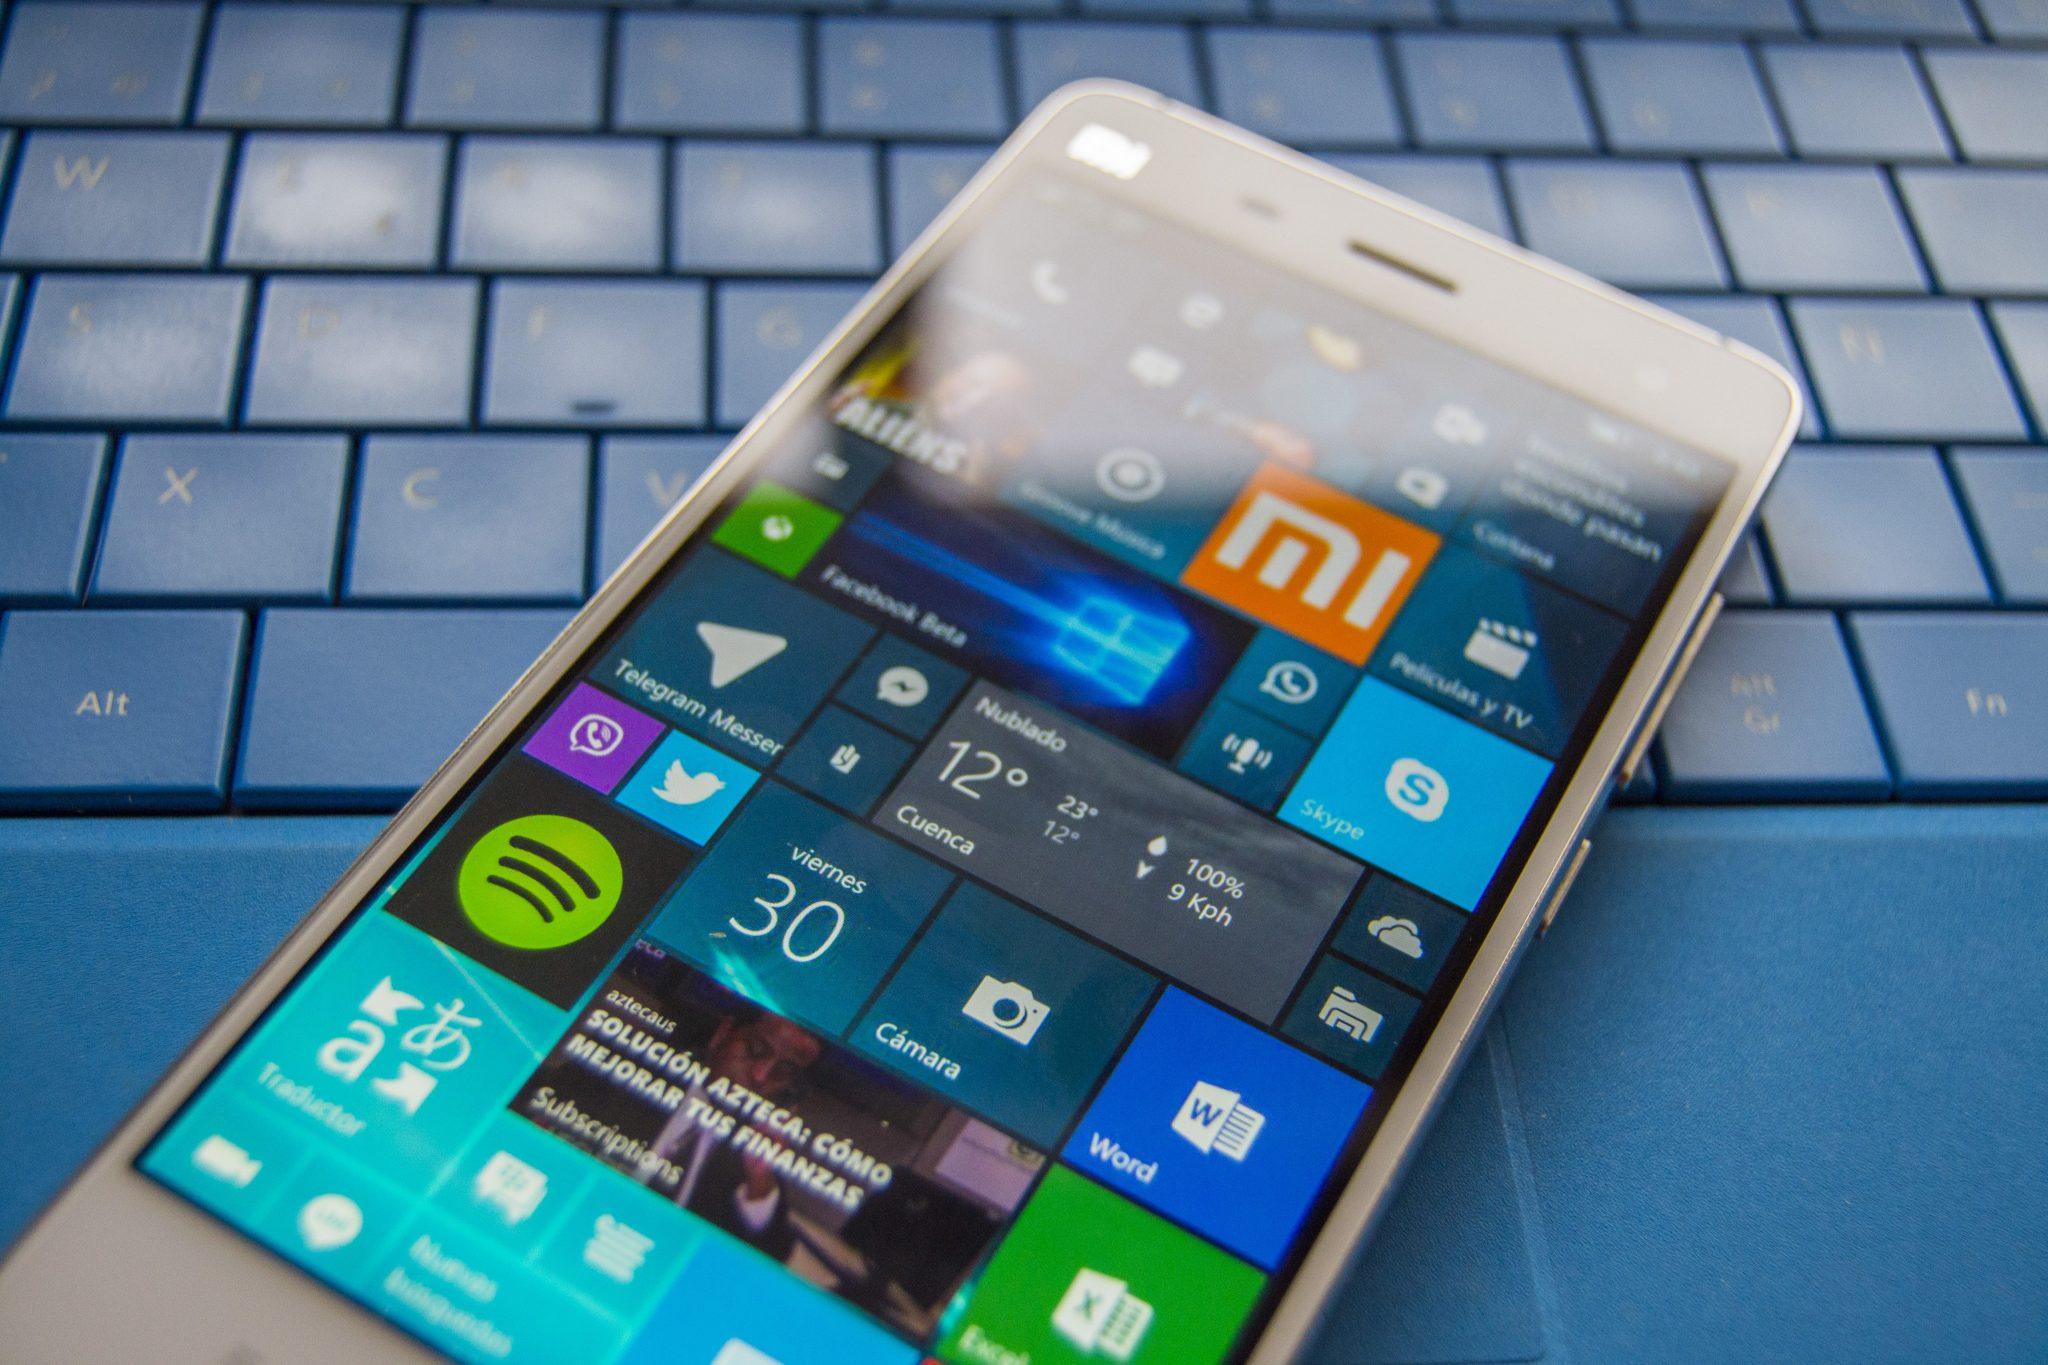 Teléfono con Windows 10 Mobile sobre un teclado de Surface